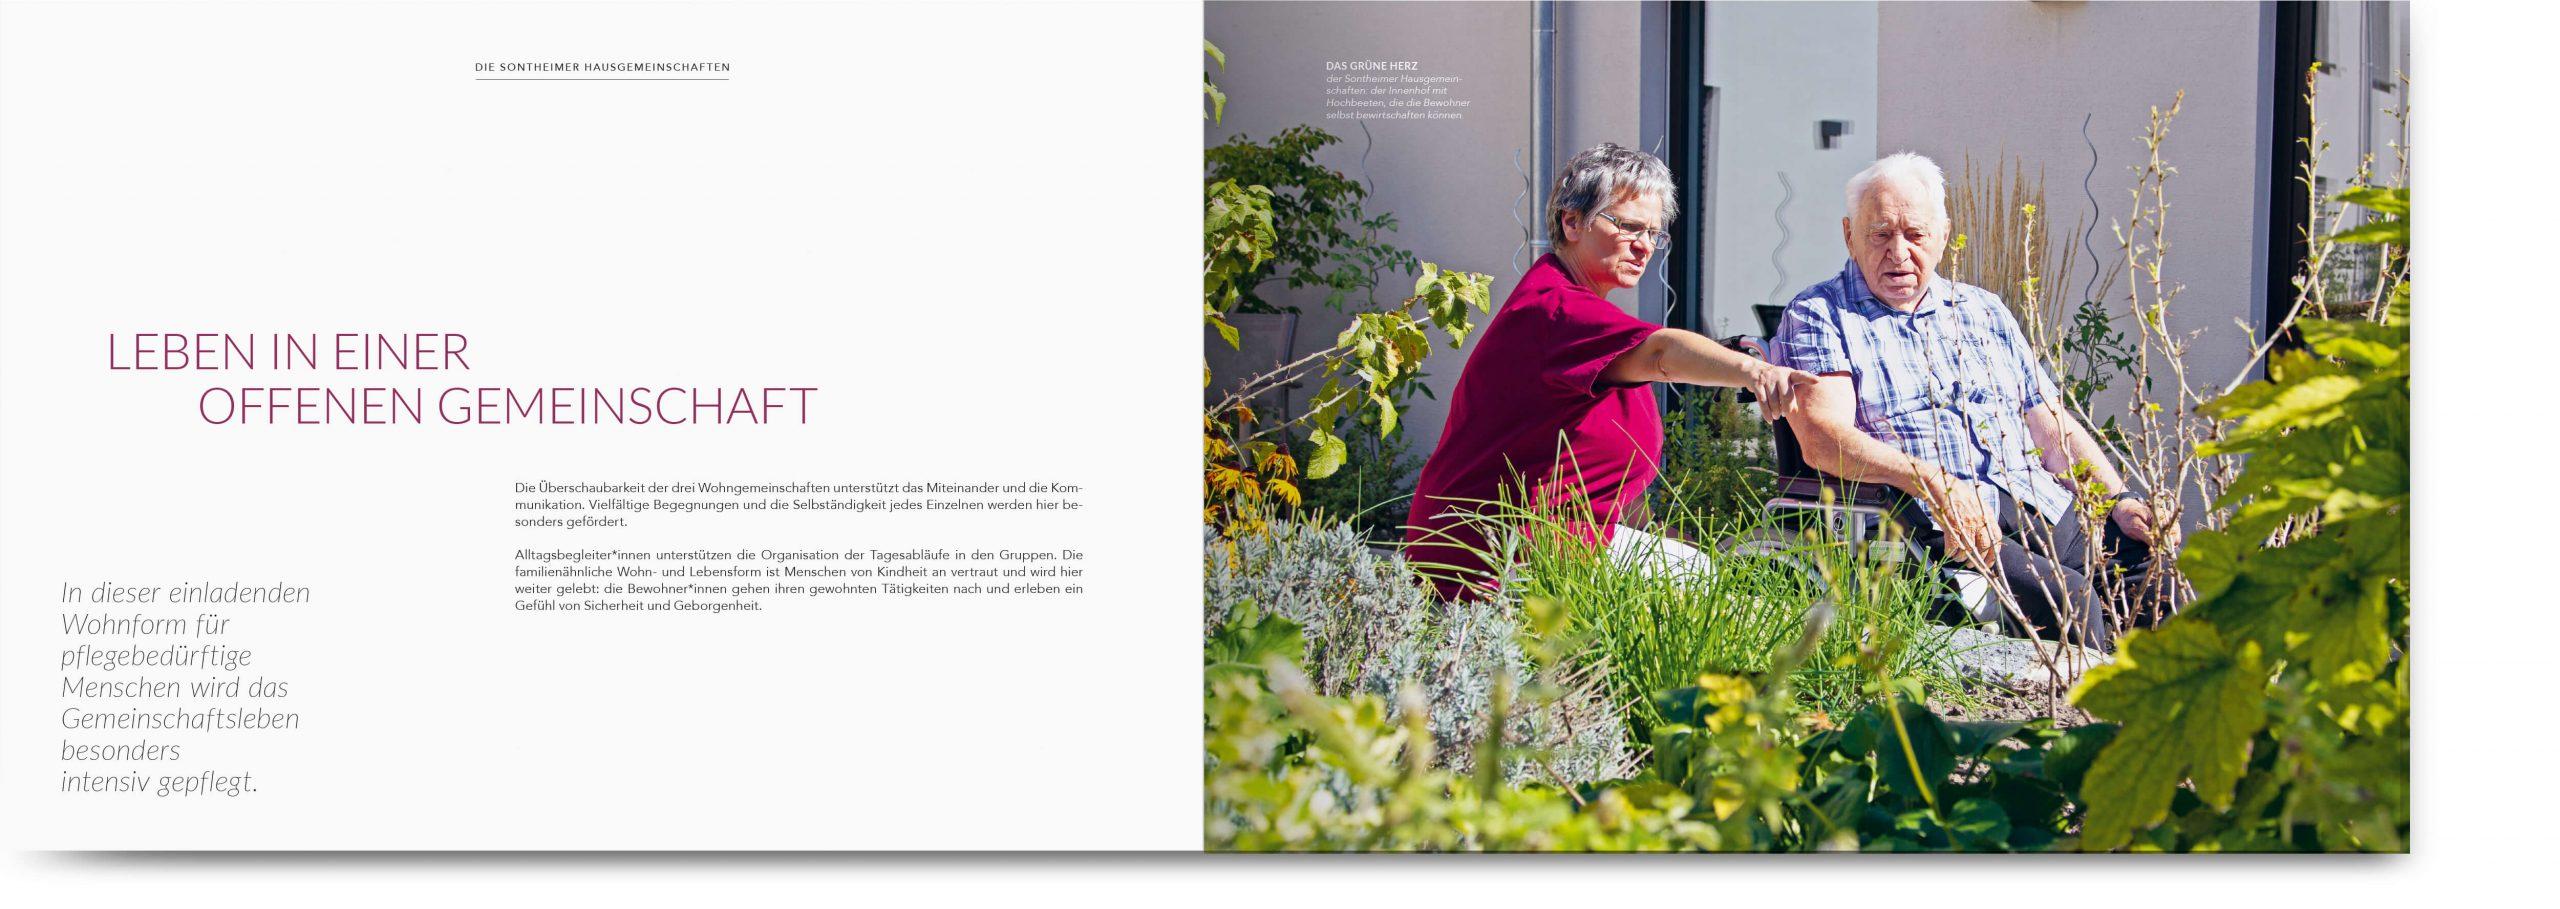 fh-web-asb-broschüren-sontheim-4-scaled.jpg